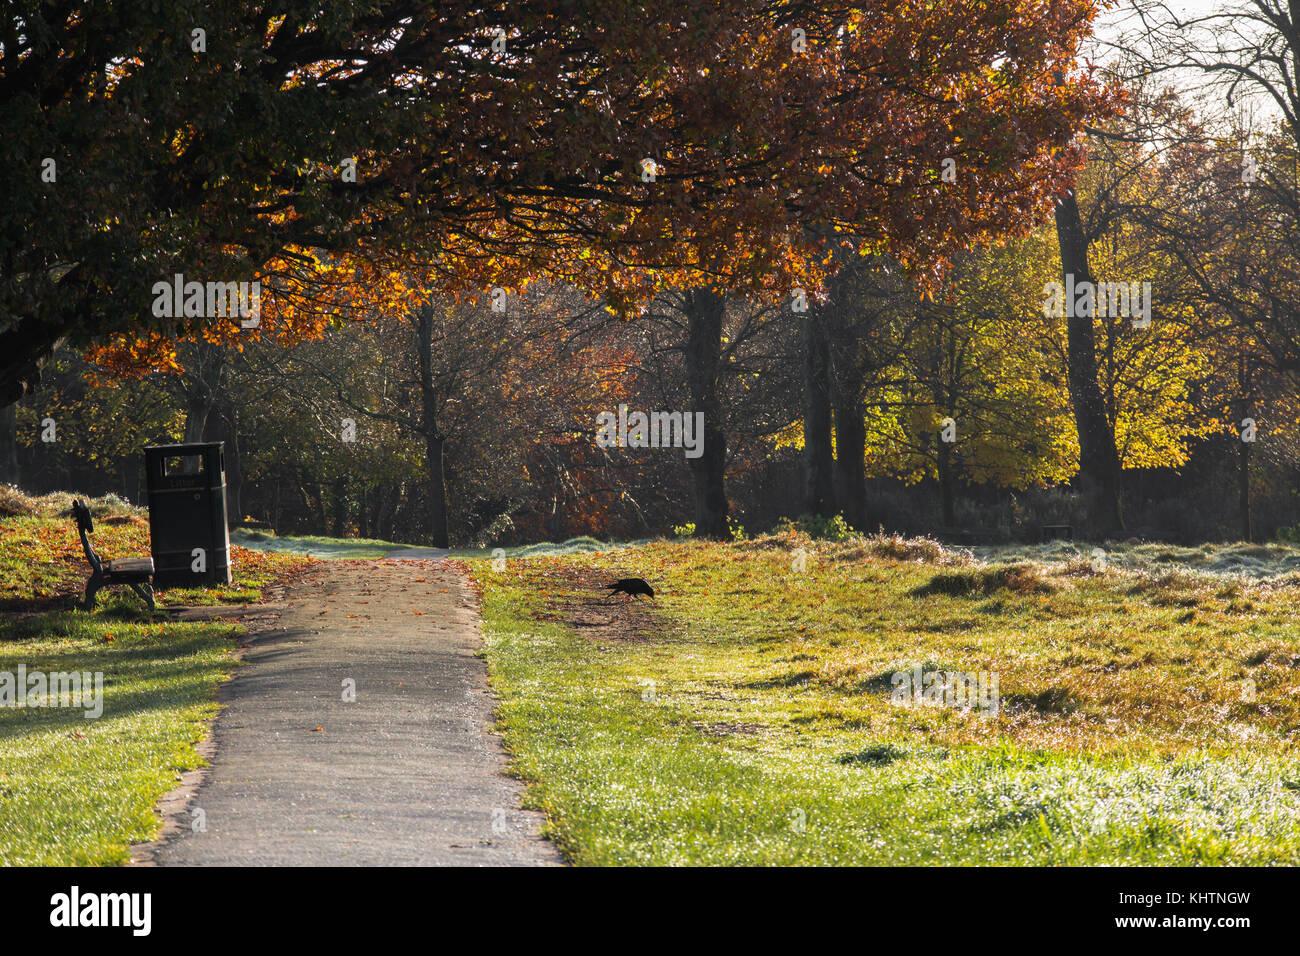 Royal Tunbridge Wells ;común amanecer temprano en una helada del amanecer en otoño invierno con banqueta Imagen De Stock